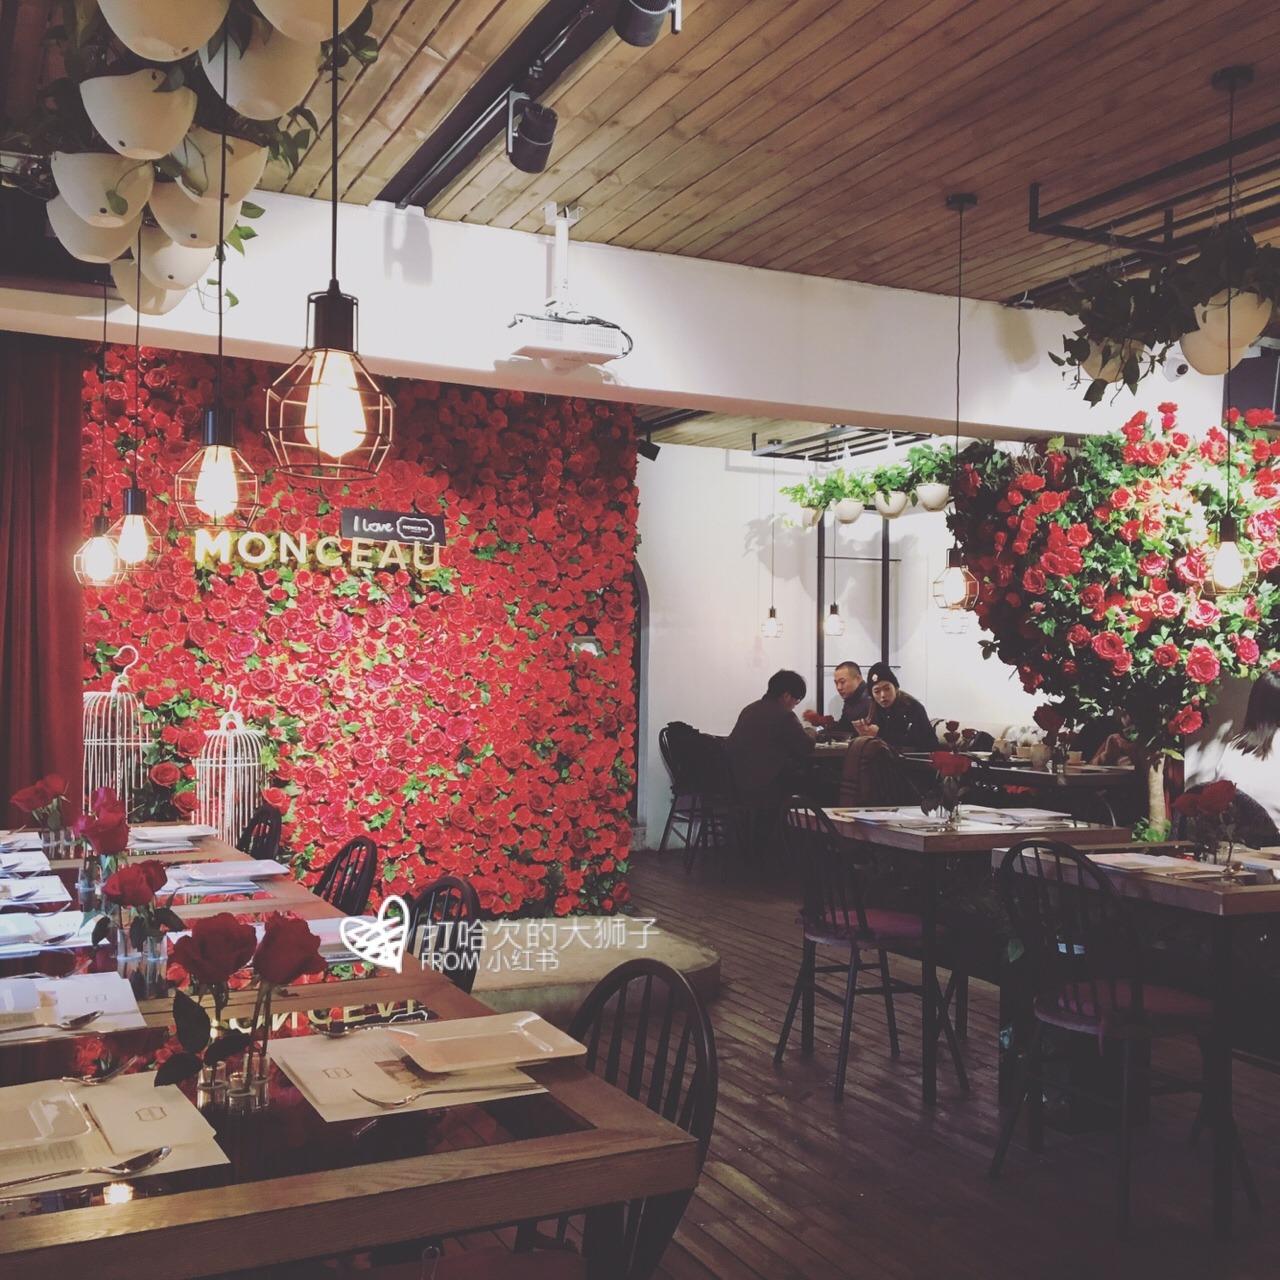 monceau花店&餐厅_玫瑰花背景墙_apm monaco耳钉_#monceau# #餐厅